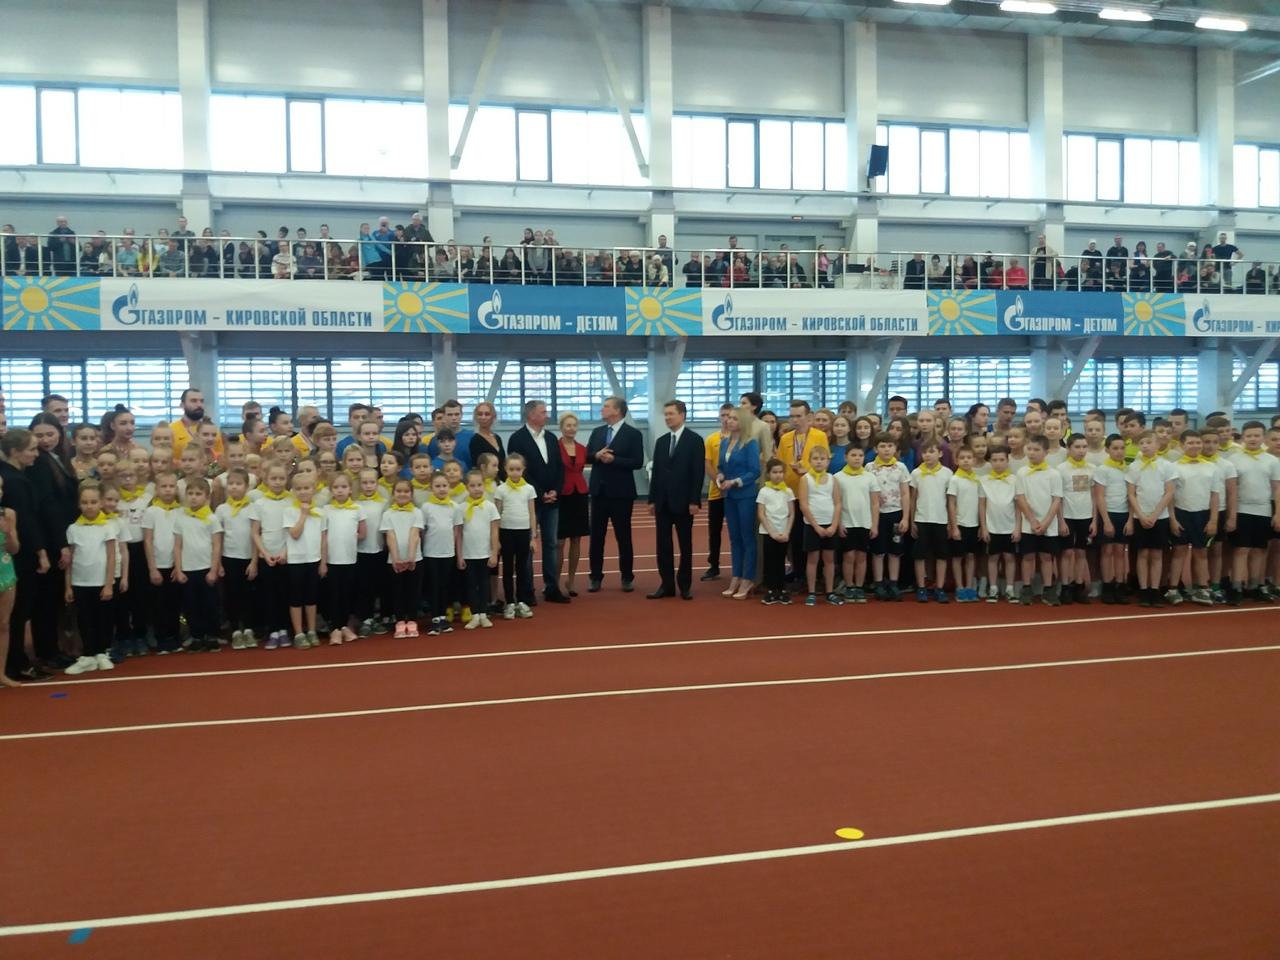 В Кирове открыли уникальный для страны спортивный манеж